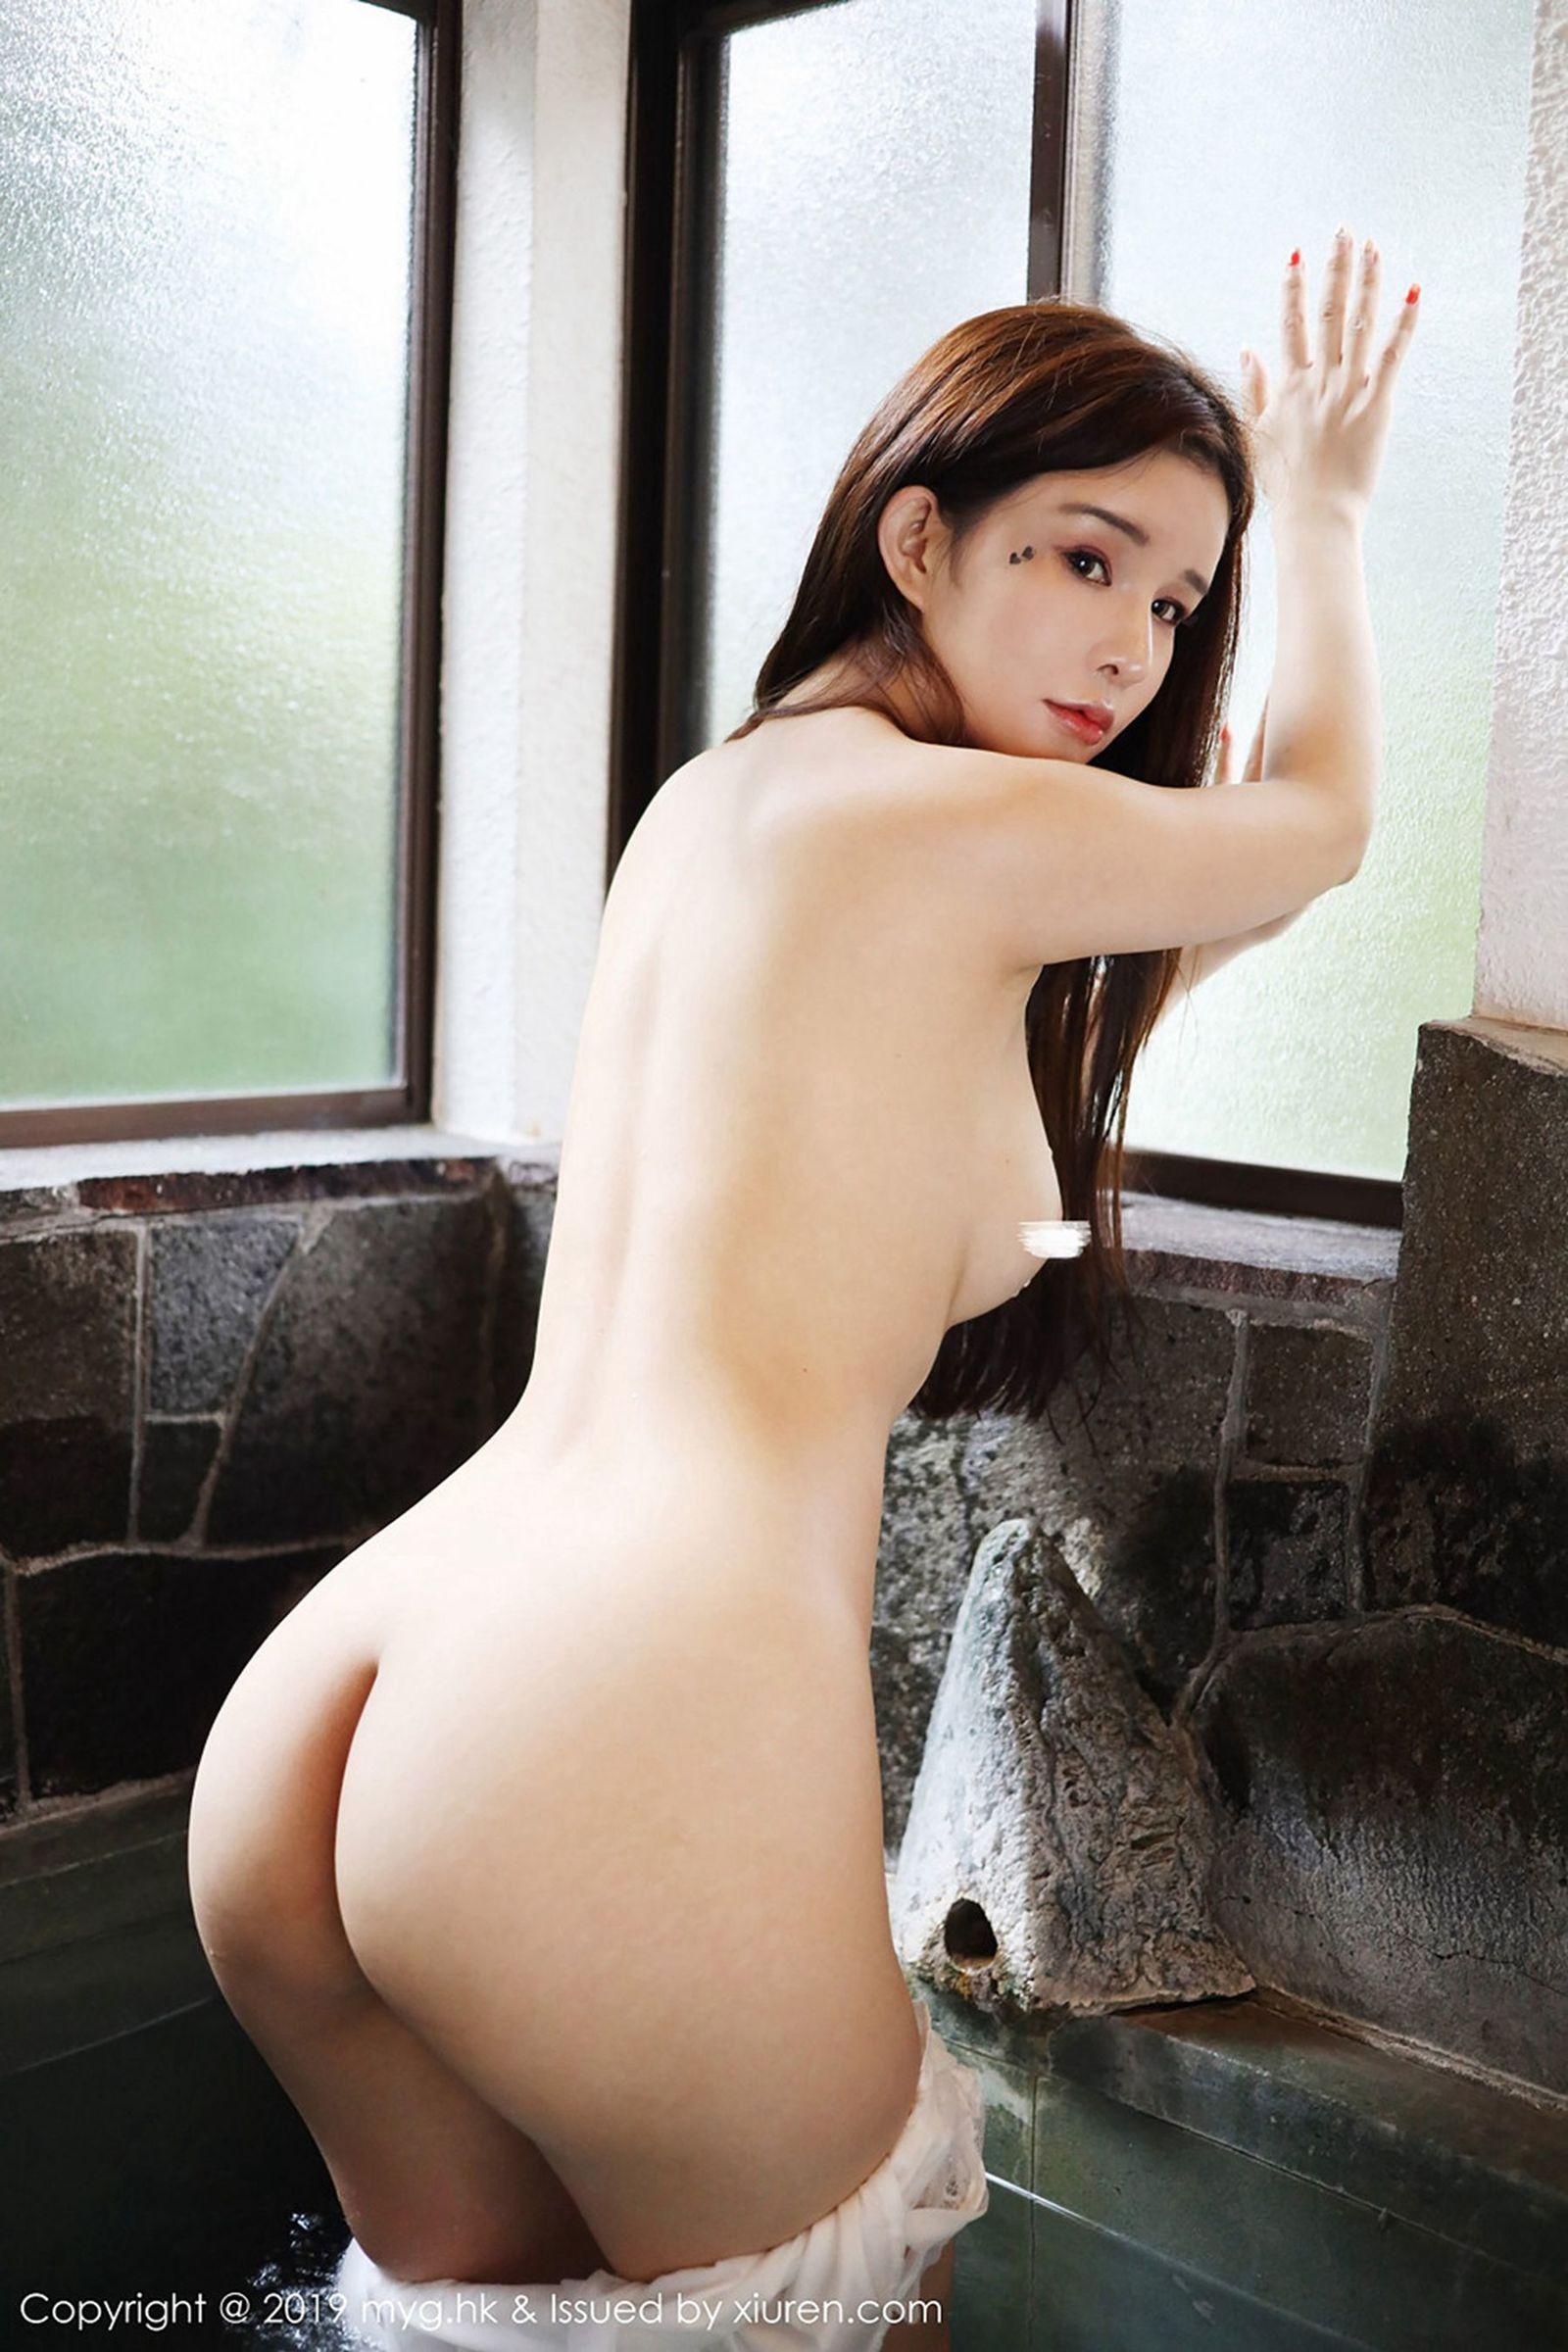 [MyGirl美媛馆] Vol.344 模特@张雨萌性感湿身丝袜美图[38P]